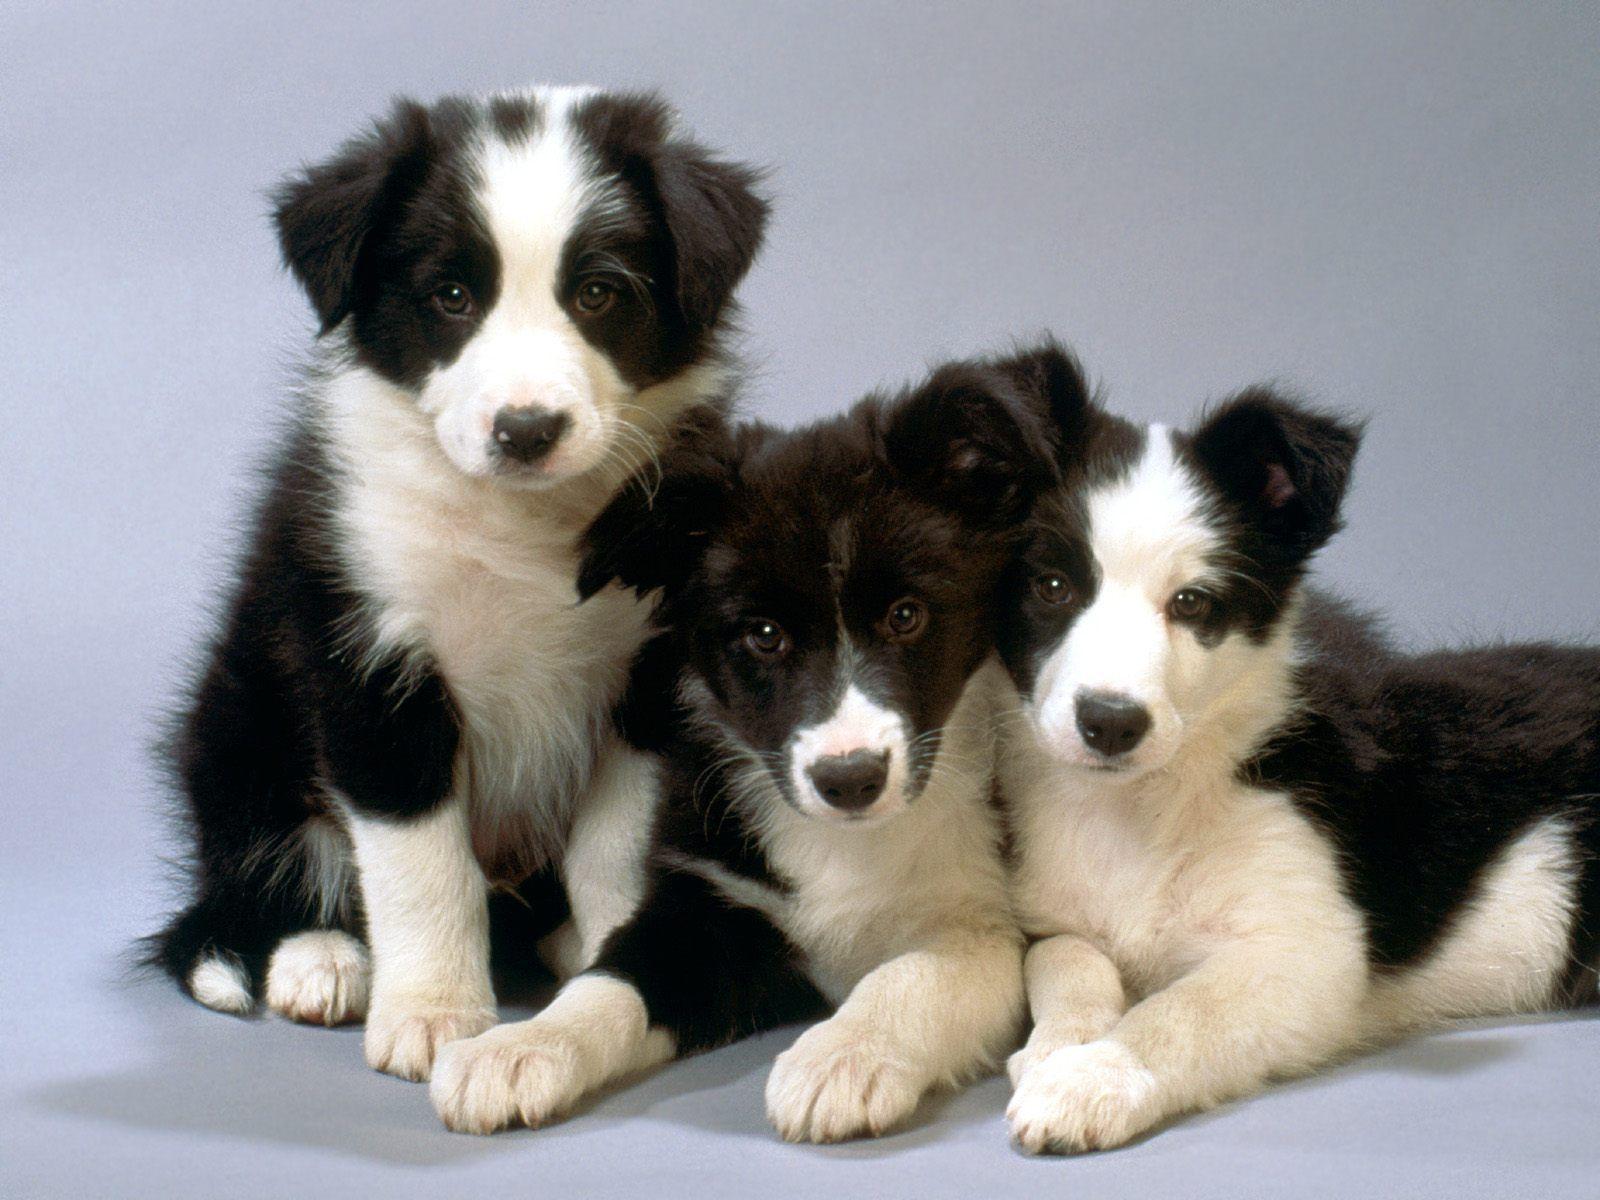 nên mua chó border collie con từ 2 tháng tuổi để dễ nuôi hơn